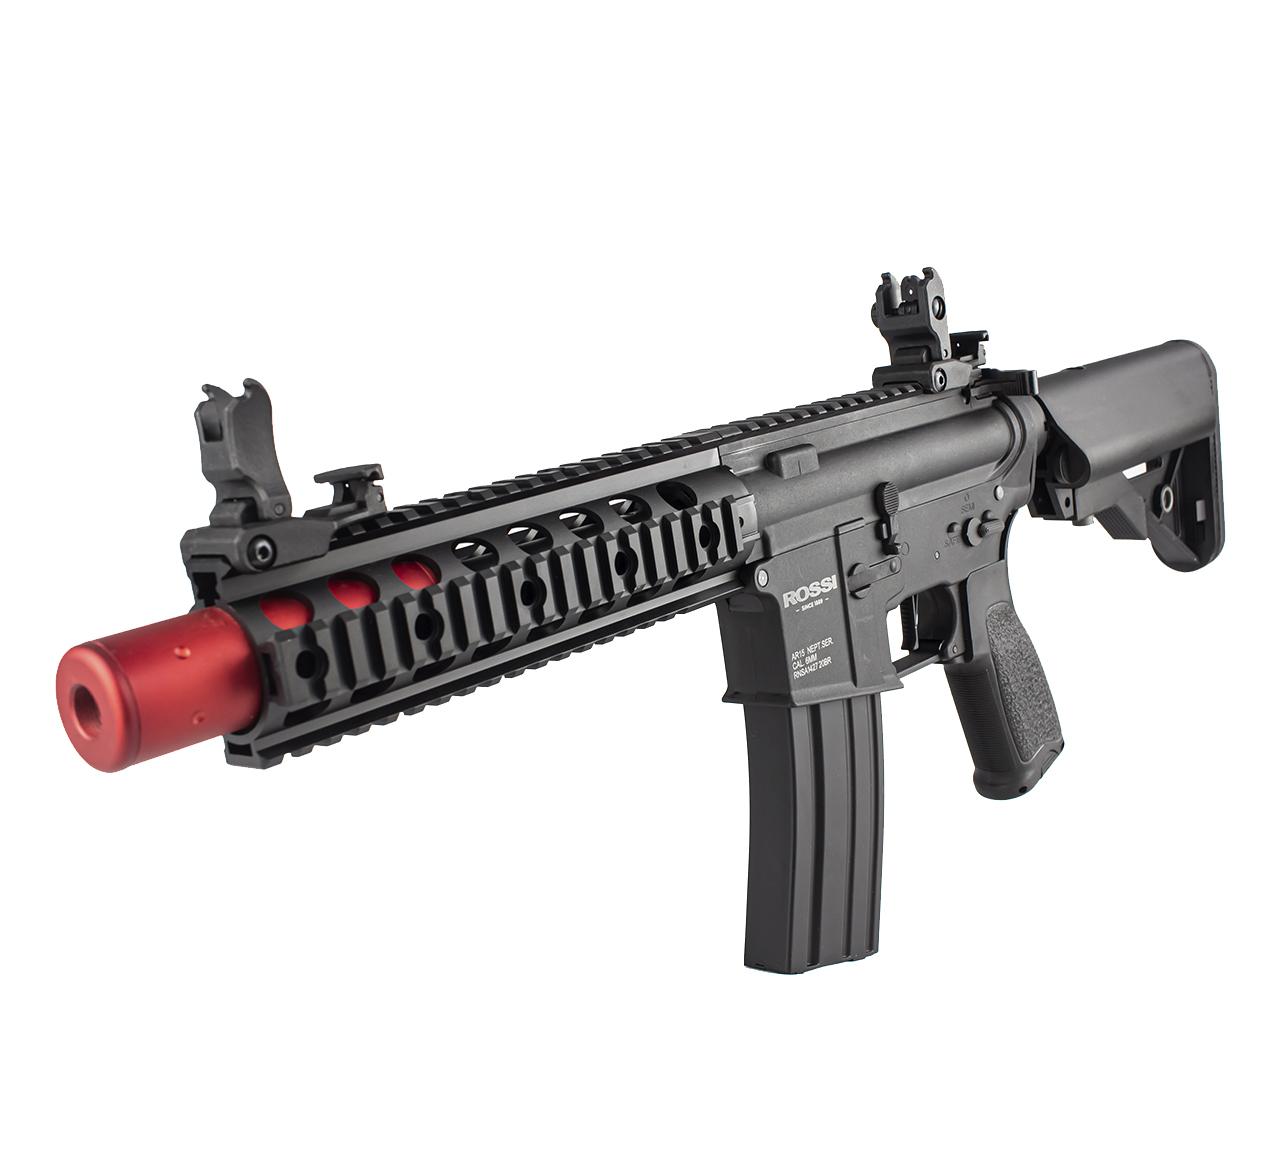 Rifle De Airsoft Aeg M4 Ar15 Neptune 8 Sd  - ROSSI